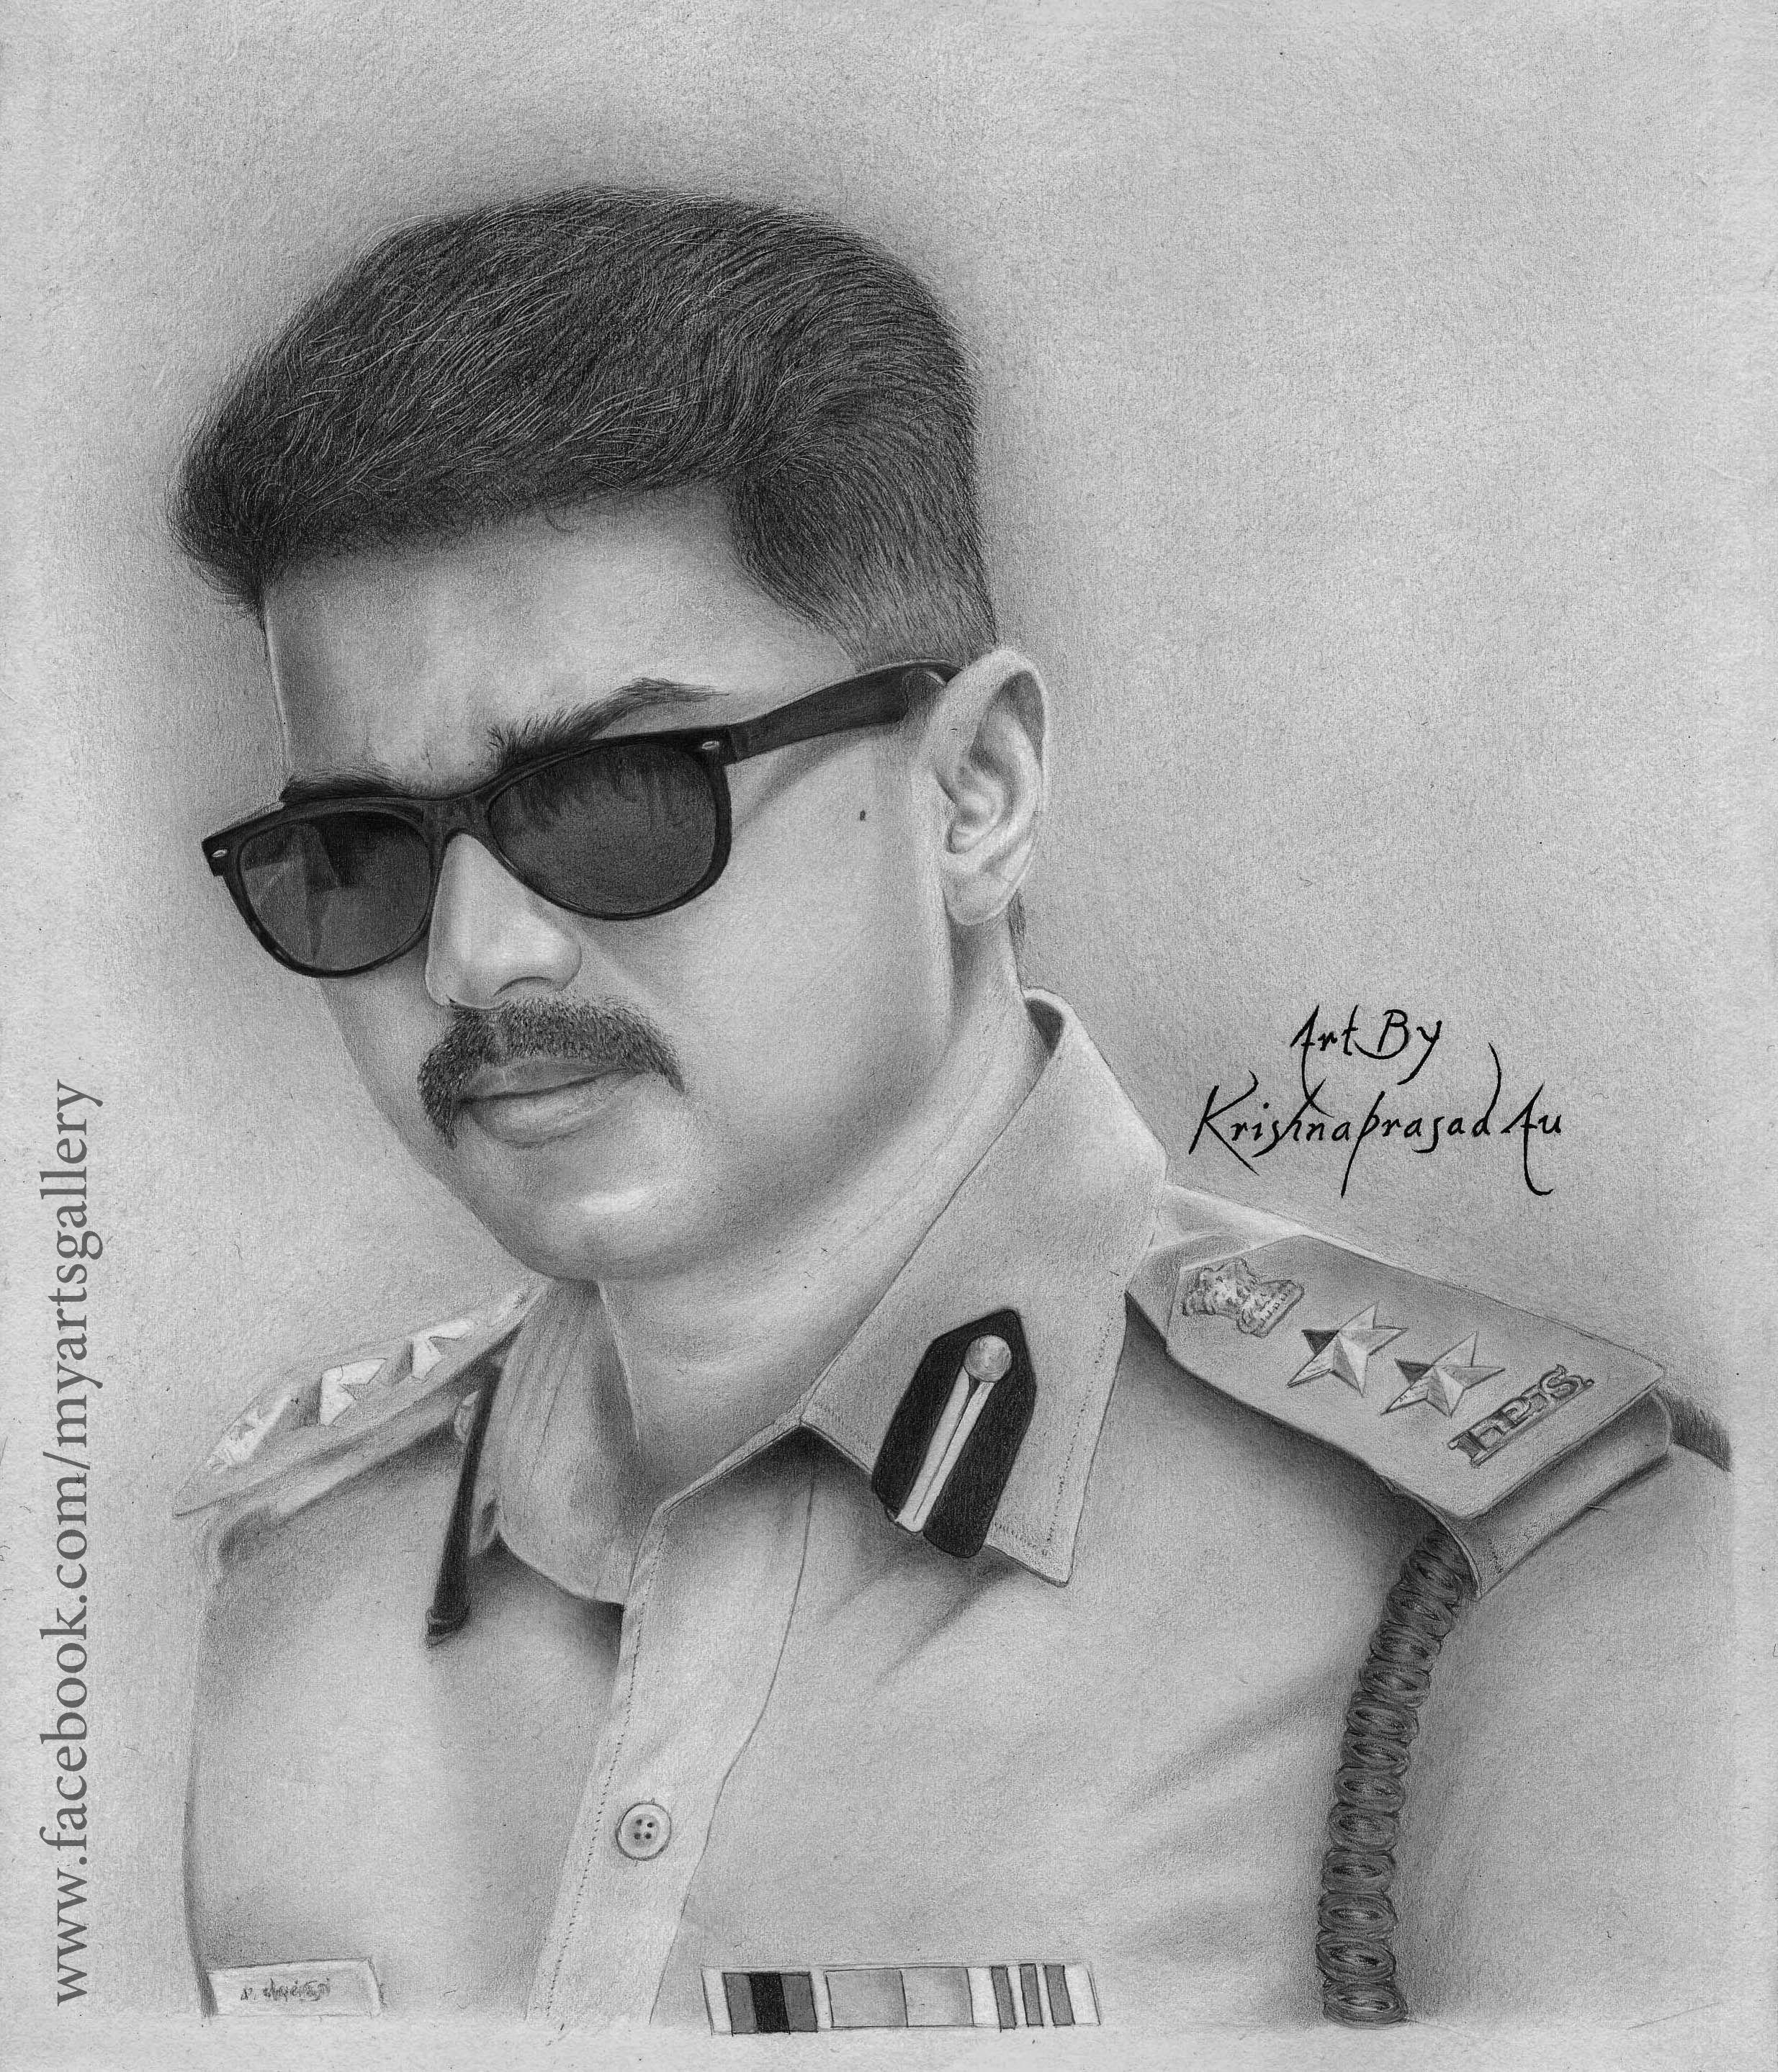 My art work portrait of actor vijay pencils faber castell 8b6b2b camlin h10b mechanical pencil size a4